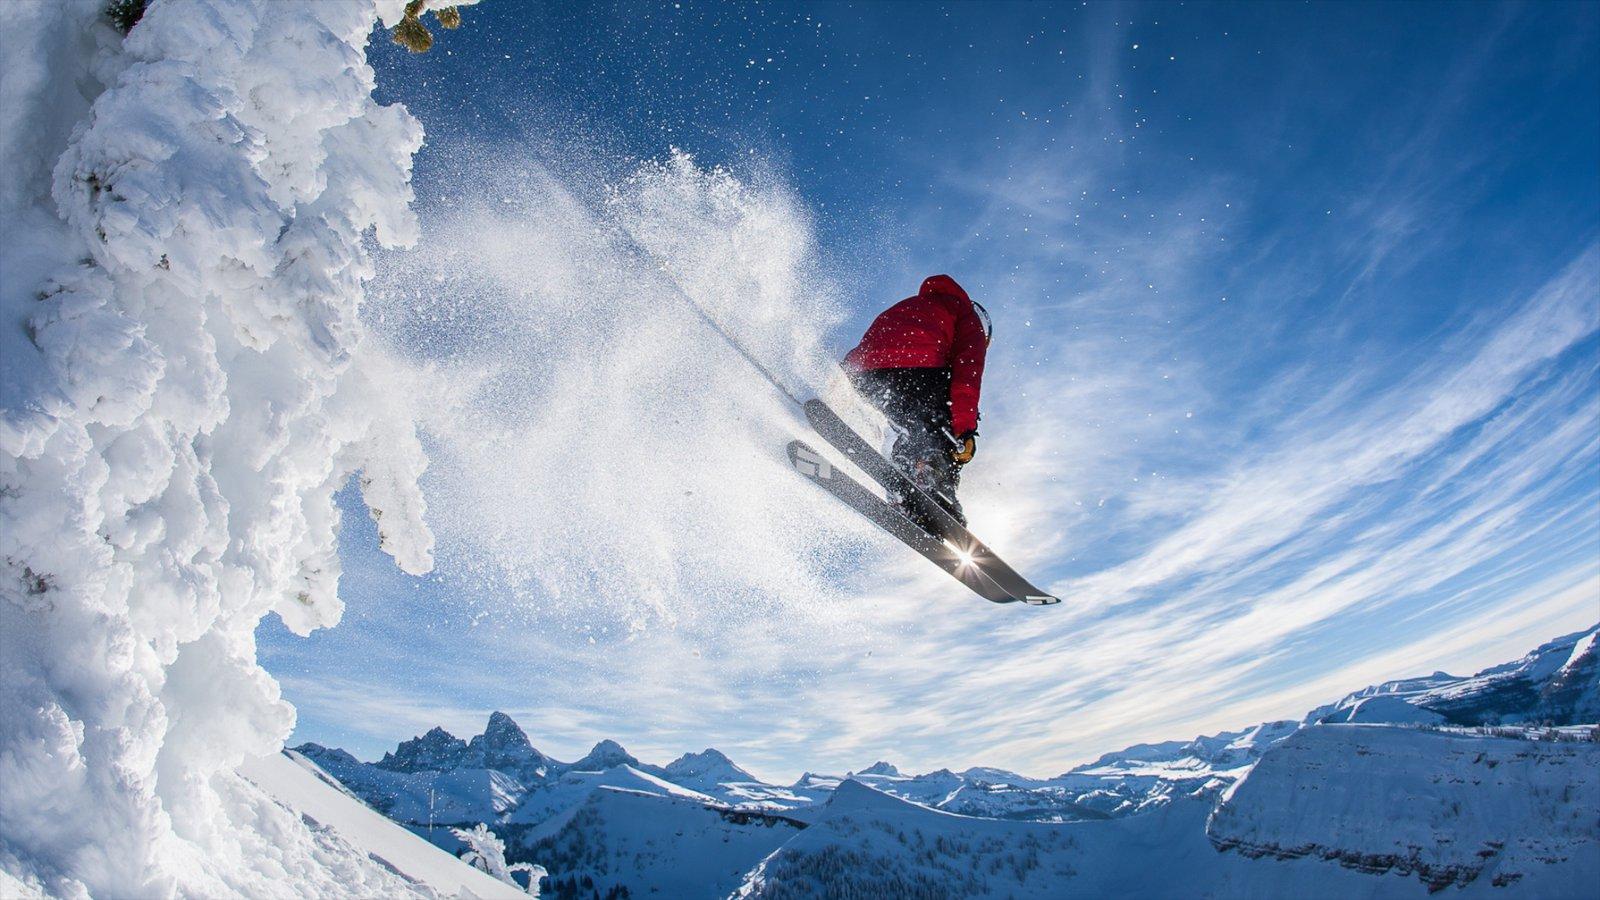 Complejo vacacional Grand Targhee mostrando vistas de paisajes, esquiar en la nieve y montañas